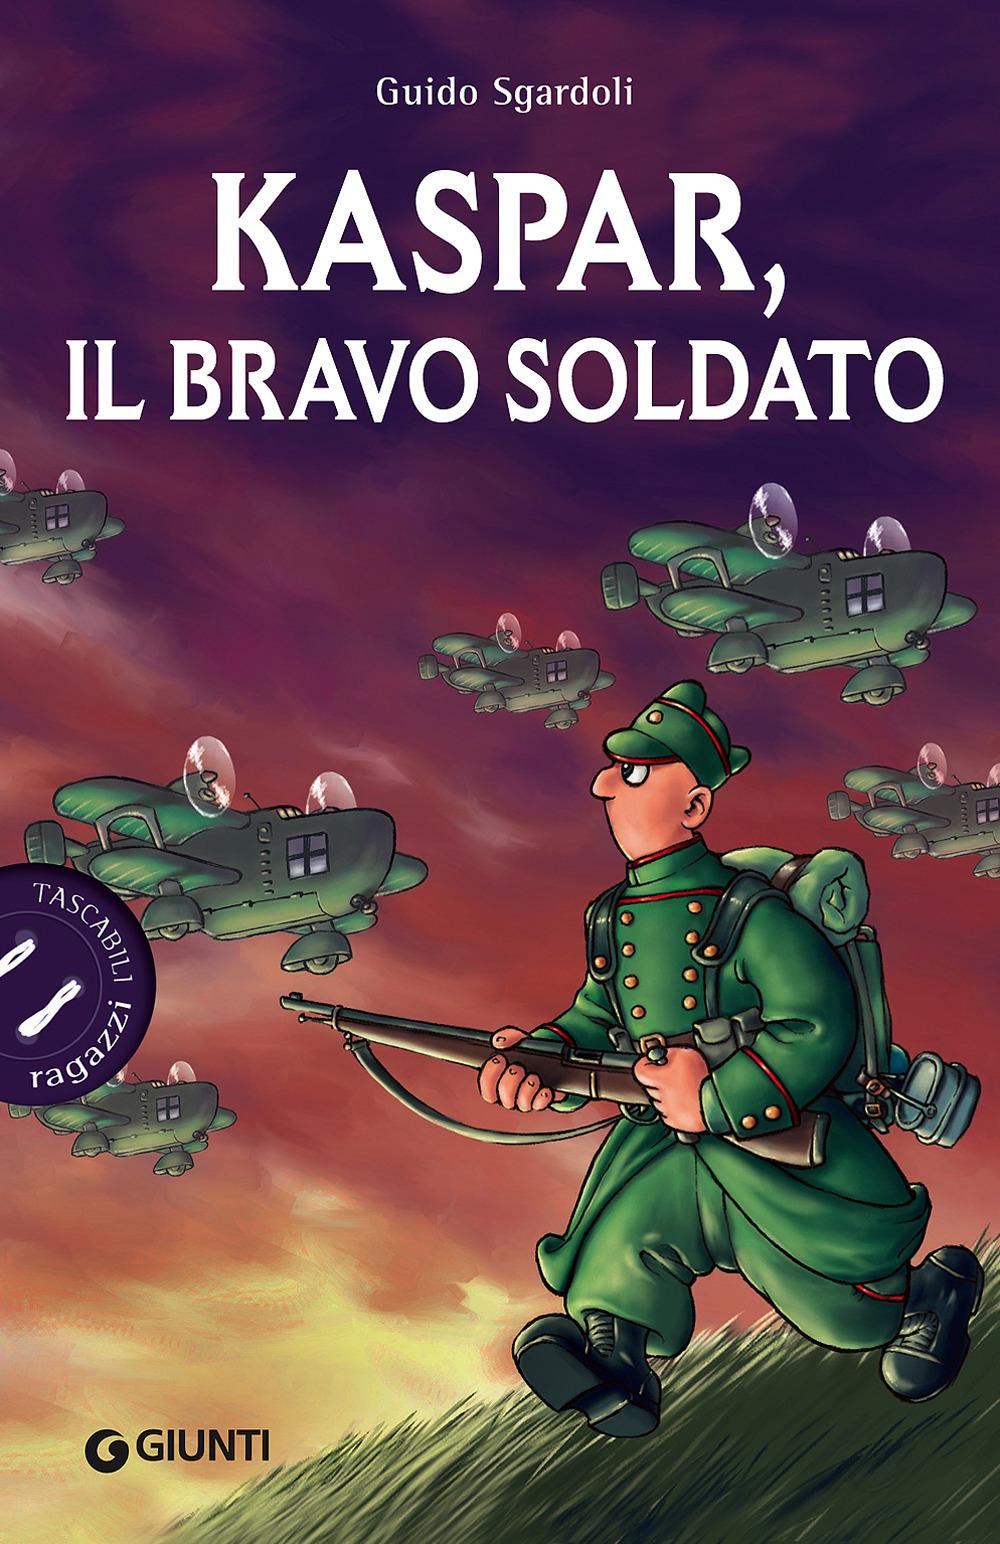 Kaspar, il bravo soldato